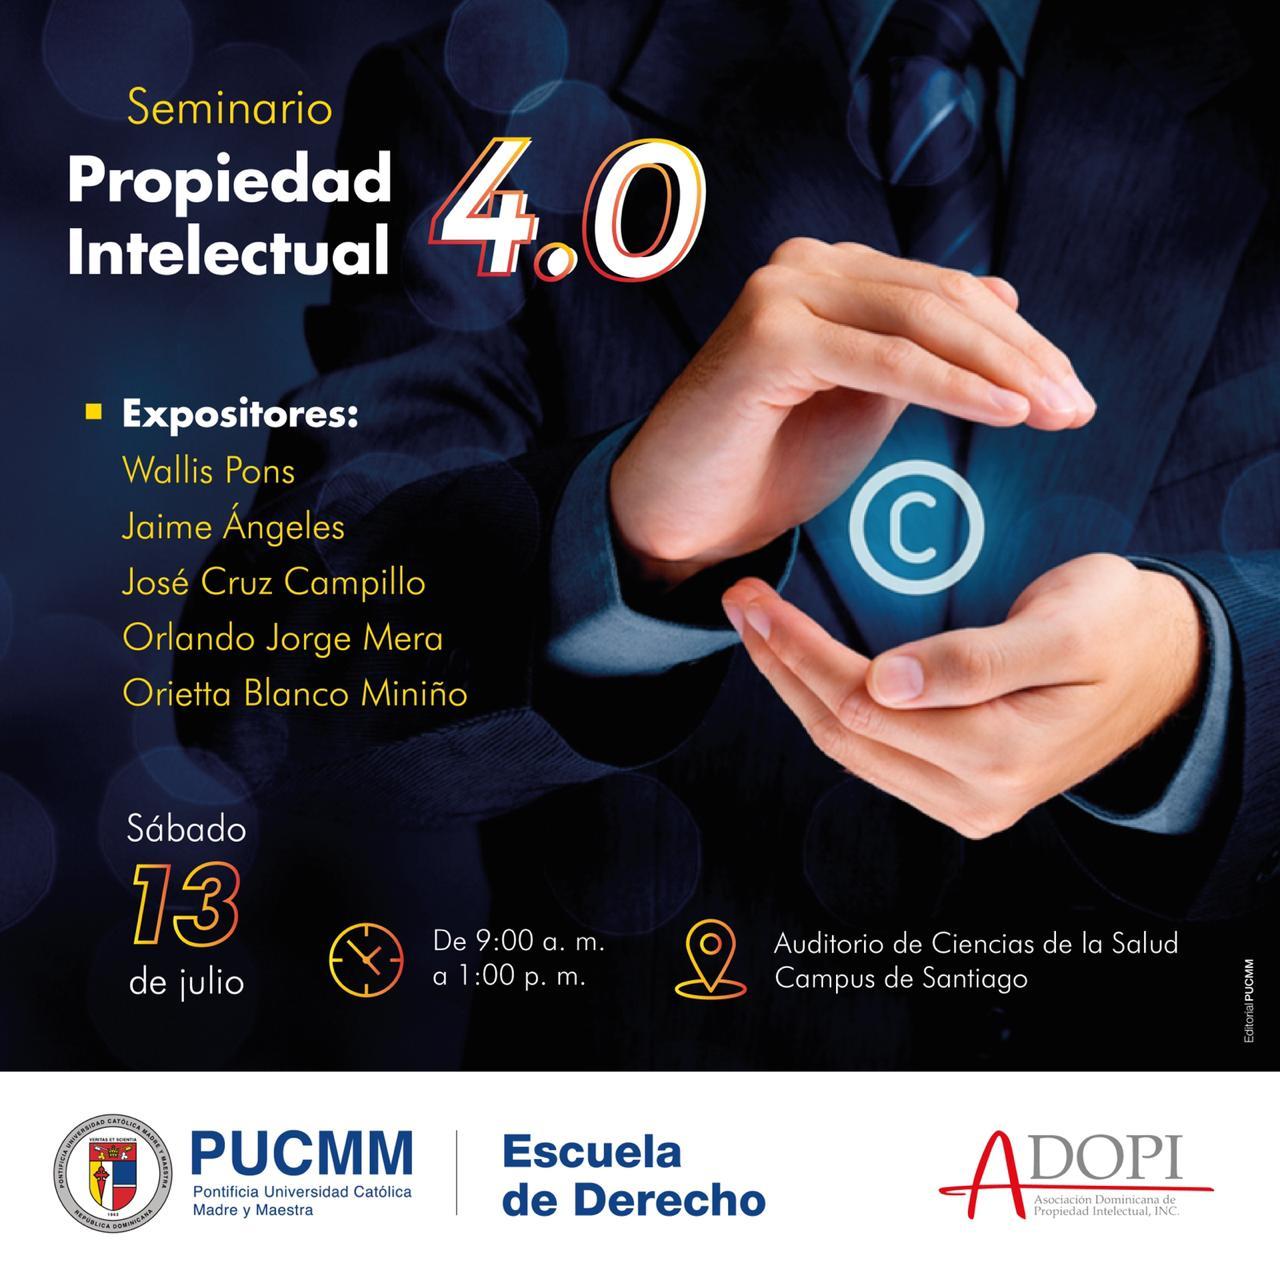 Seminario Propiedad Intelectual 4.0.jpg